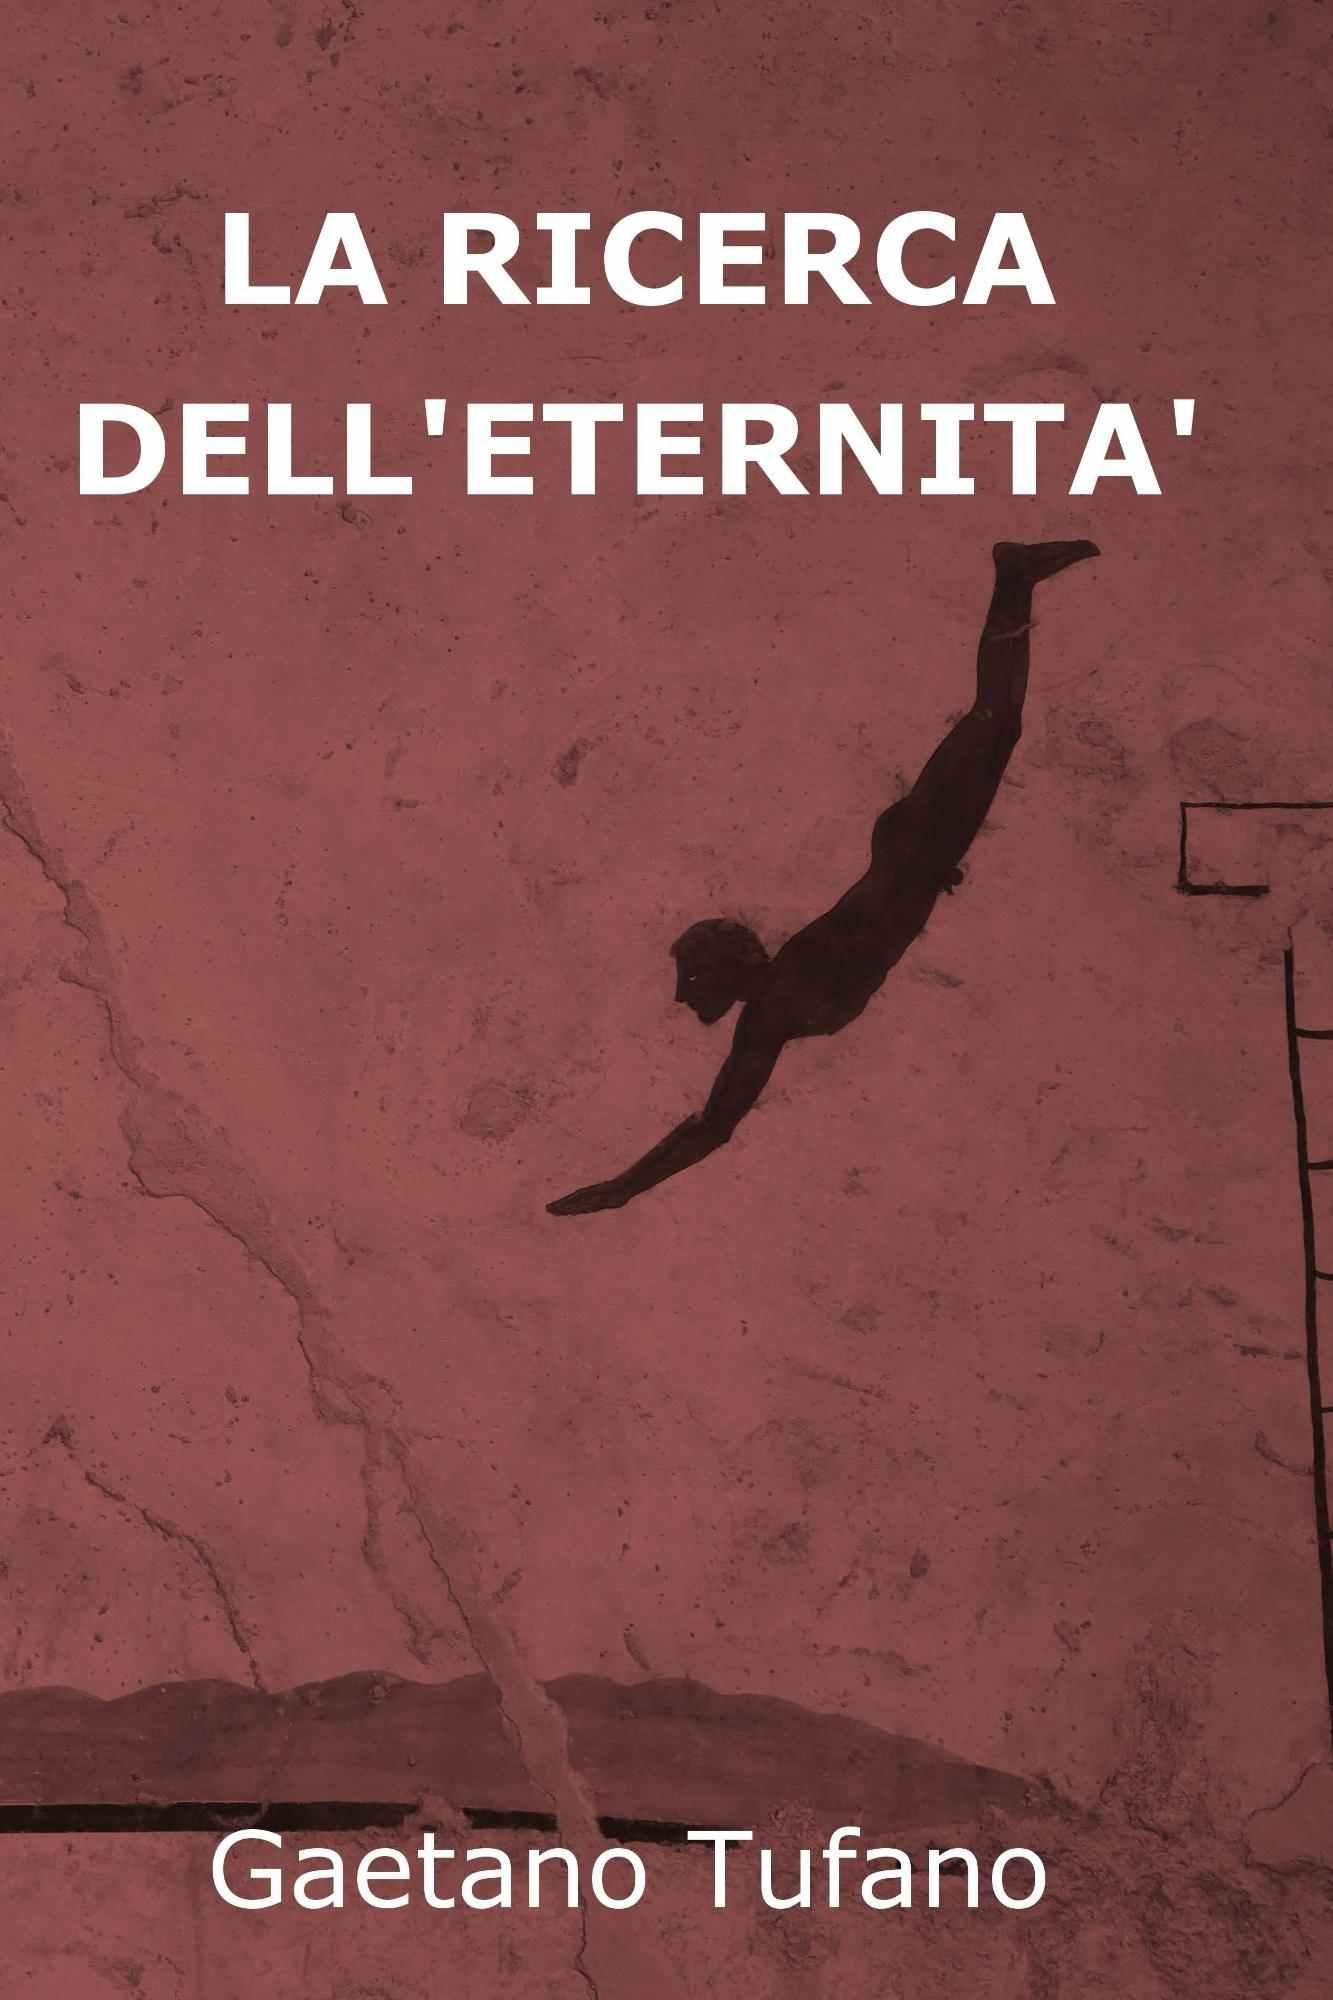 """L'insostenibile ricerca dell'eternità, Prefazione al romanzo di Gaetano Tufano """"La ricerca dell'eternità"""""""